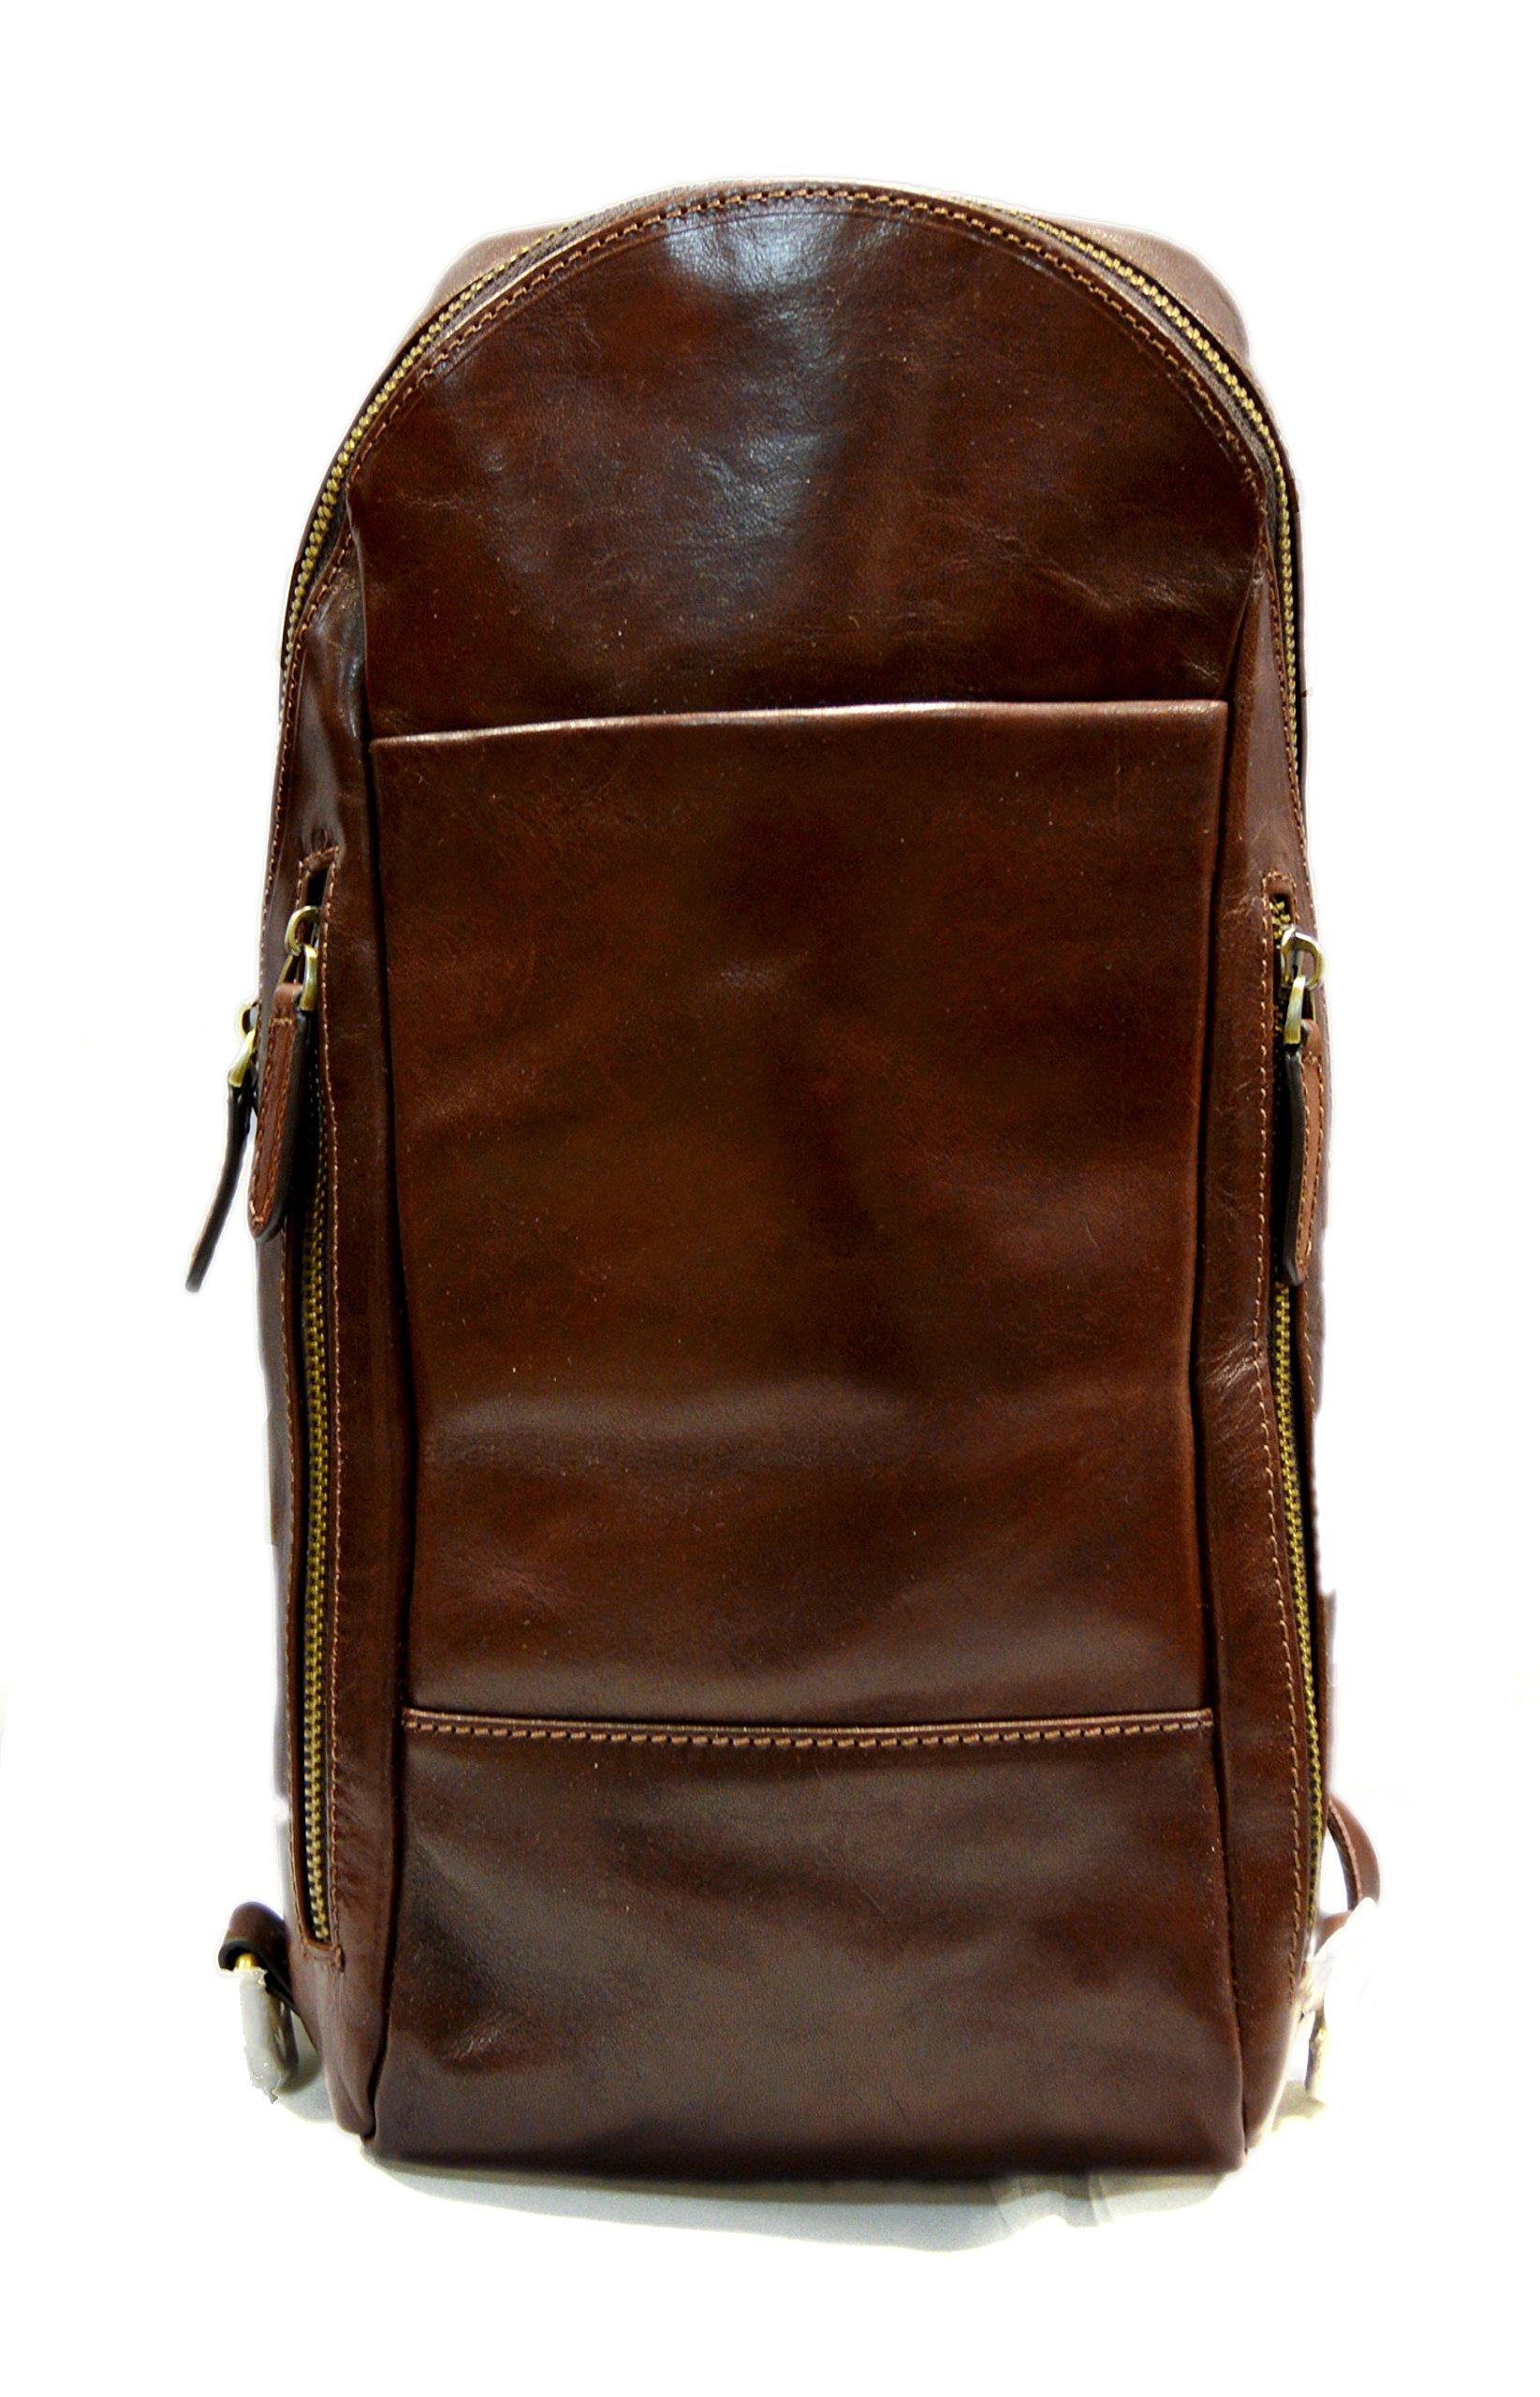 Mens waist leather shoulder bag hobo bag travel back sling satchel brown backpack leather backpack leather sling